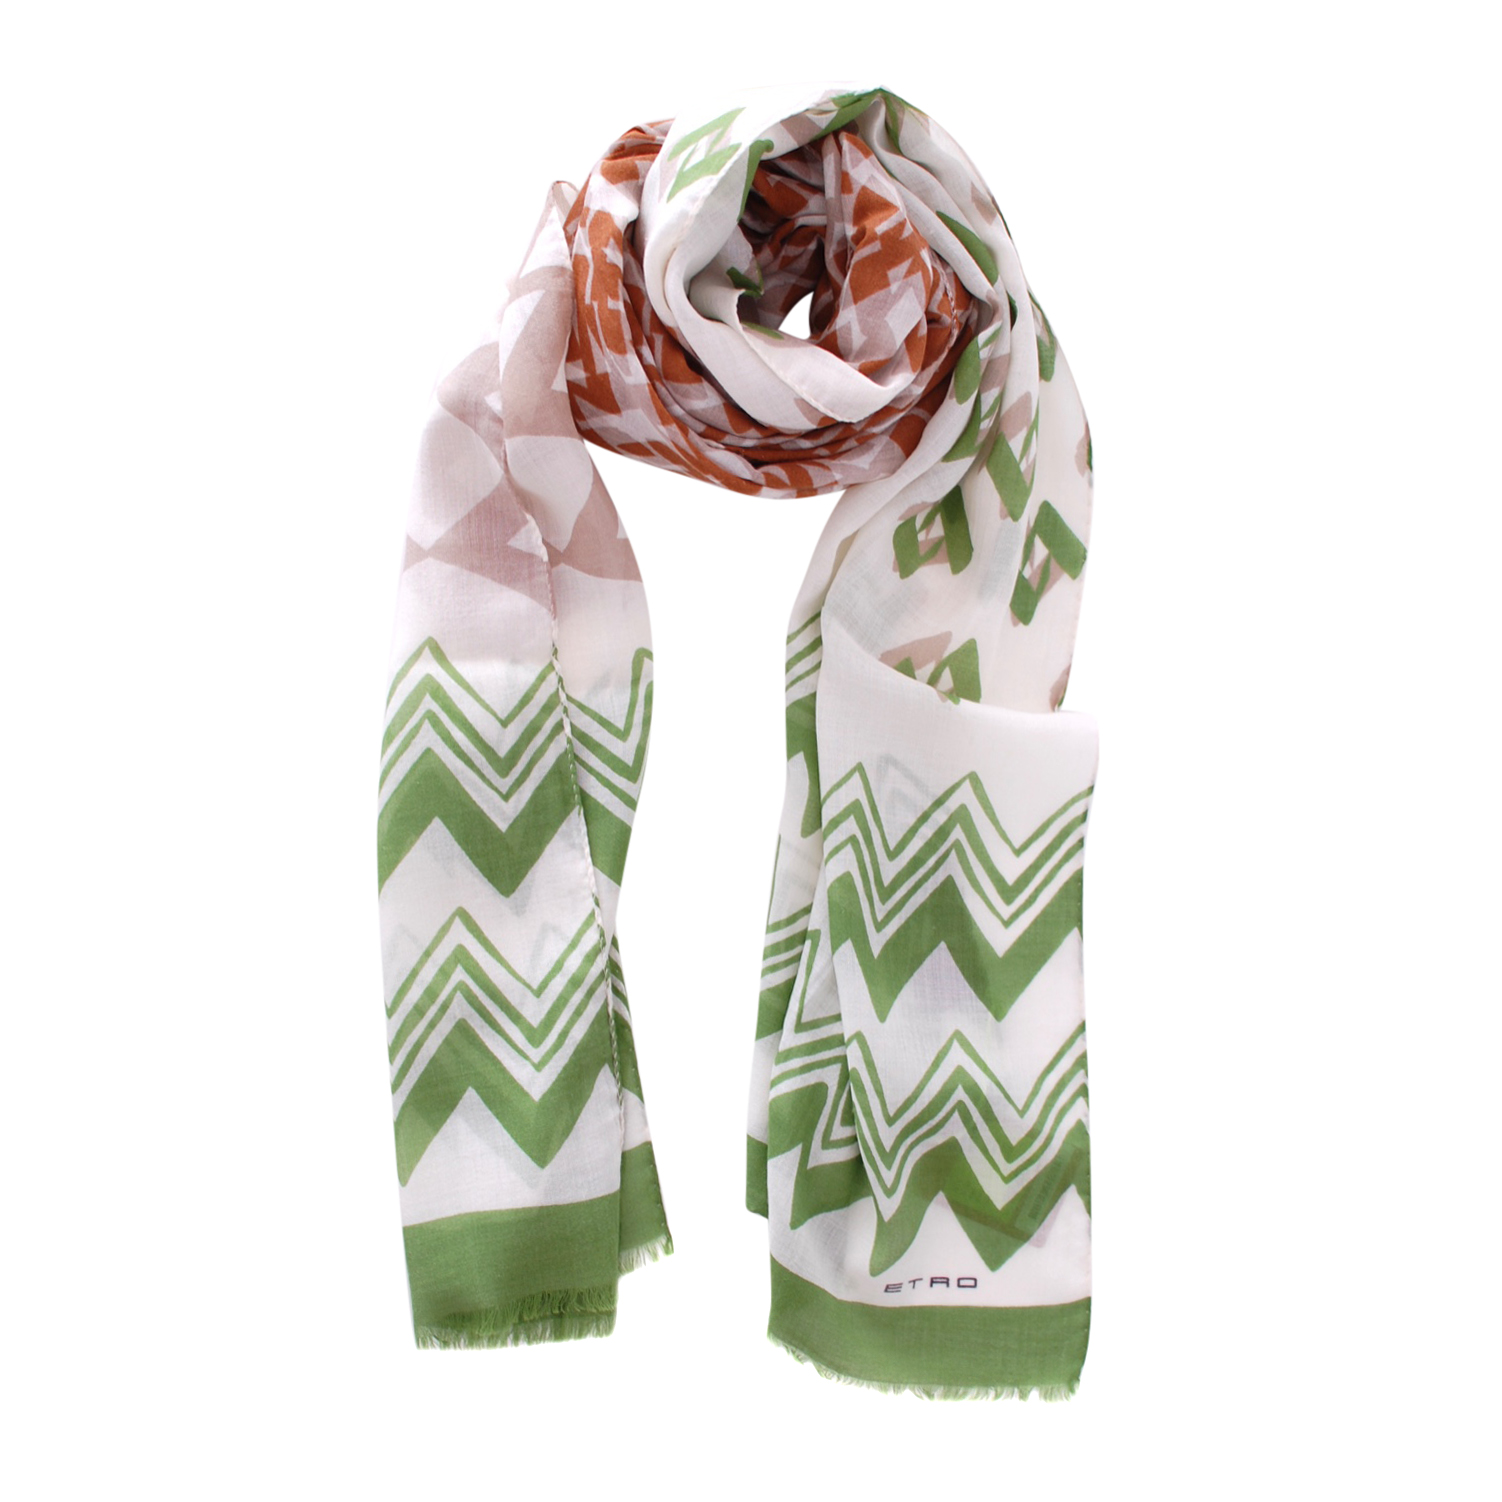 Etro White, Beige & Green Wool/Silk Shawl